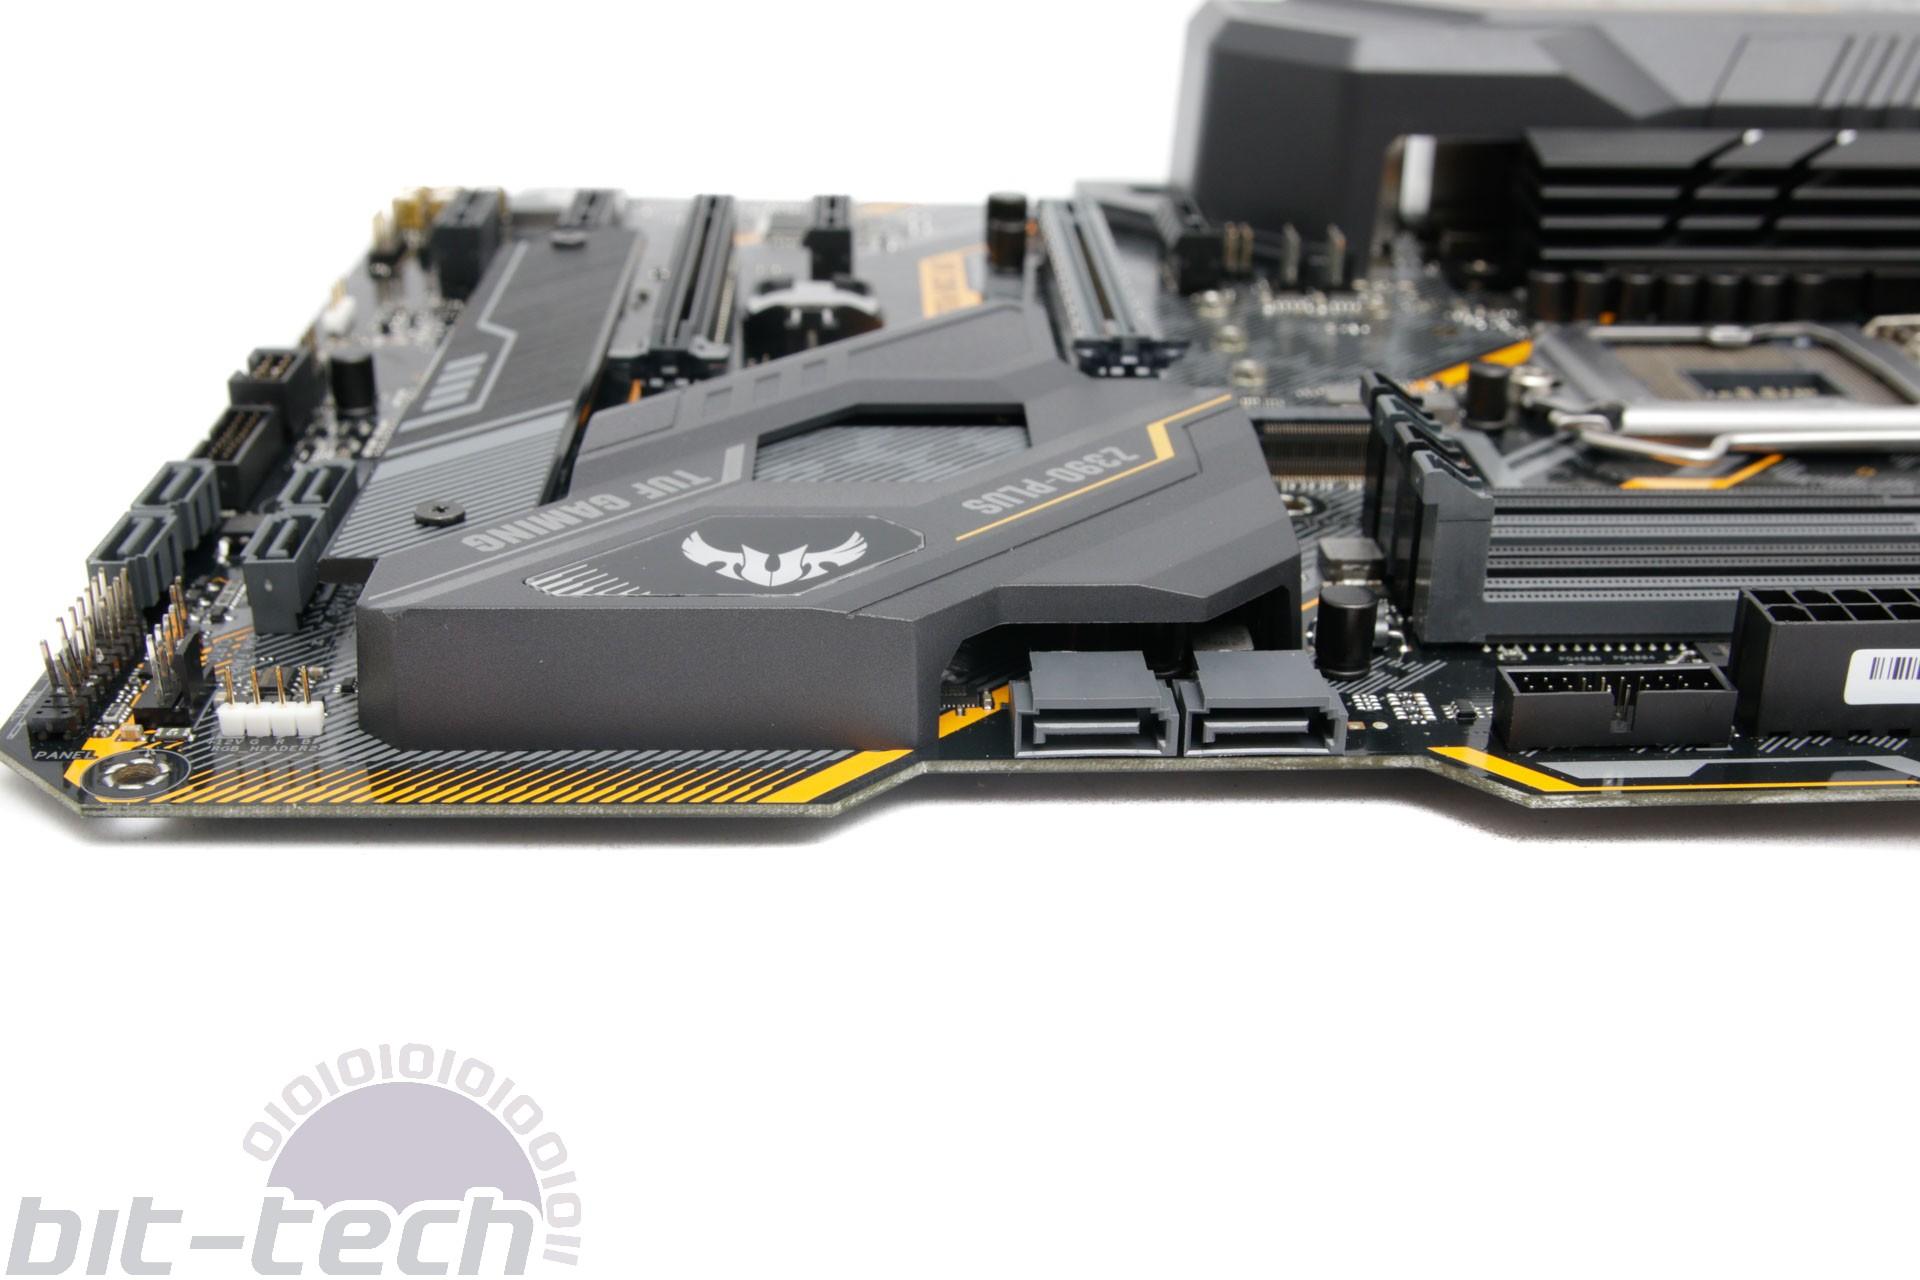 Asus TUF Z390-Plus Gaming (Wi-Fi) Review | bit-tech net